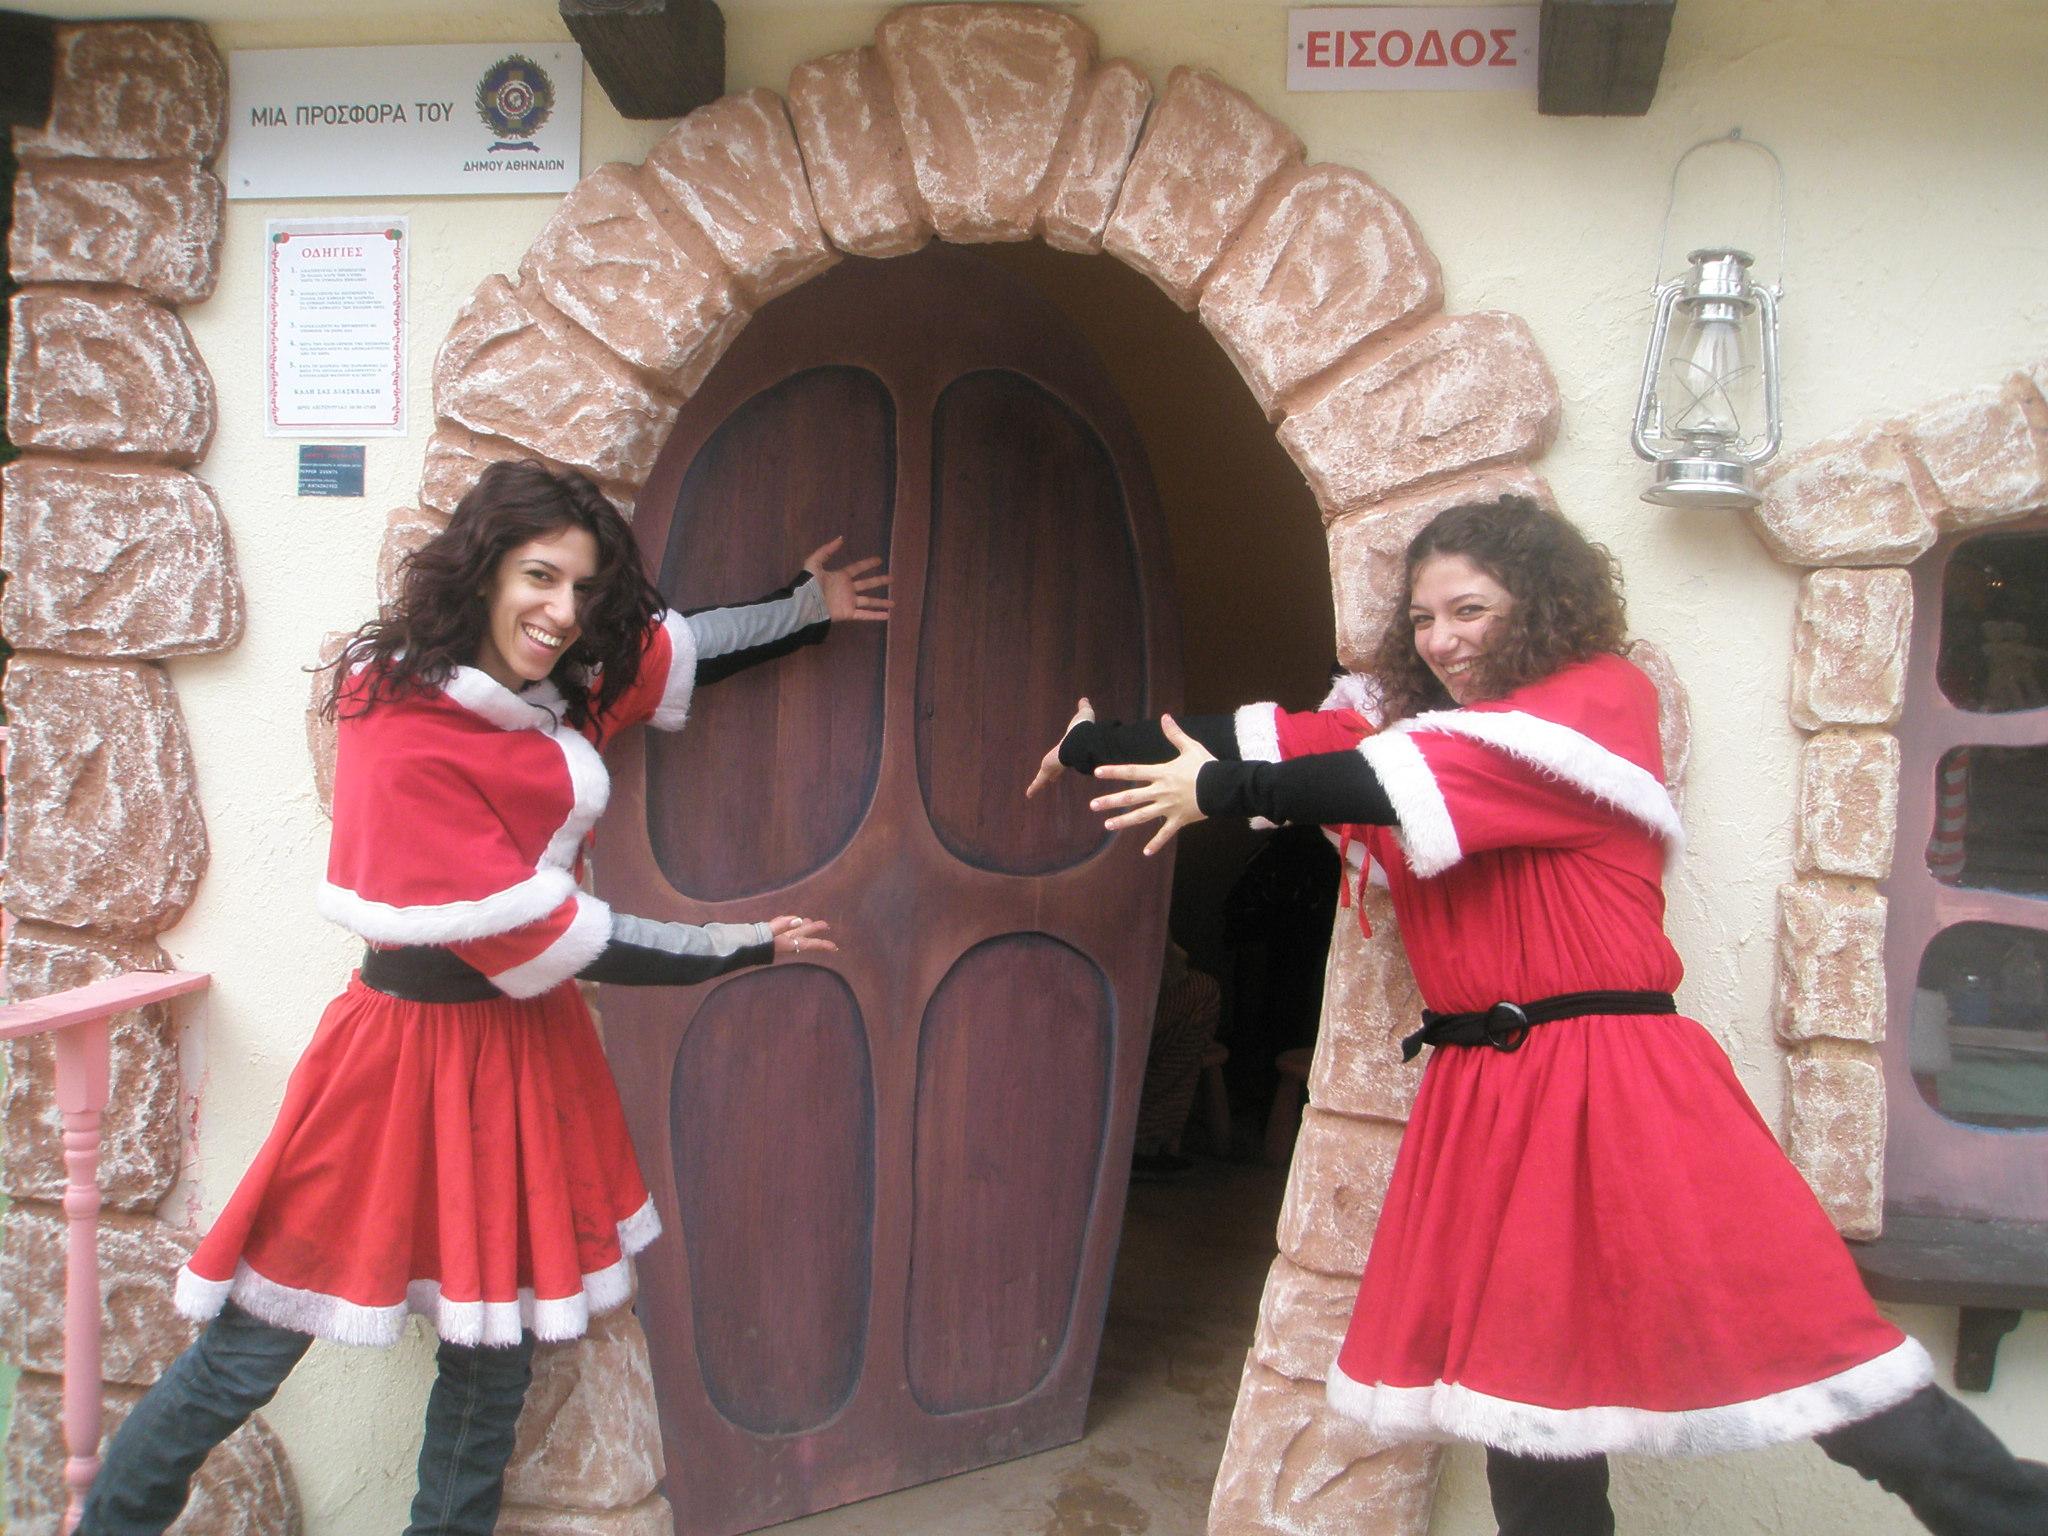 Διοργάνωση χριστουγεννιάτικου χωριού ΔΗΜΟΣ ΑΘΗΝΑΙΩΝ πλατεία Συντάγματος